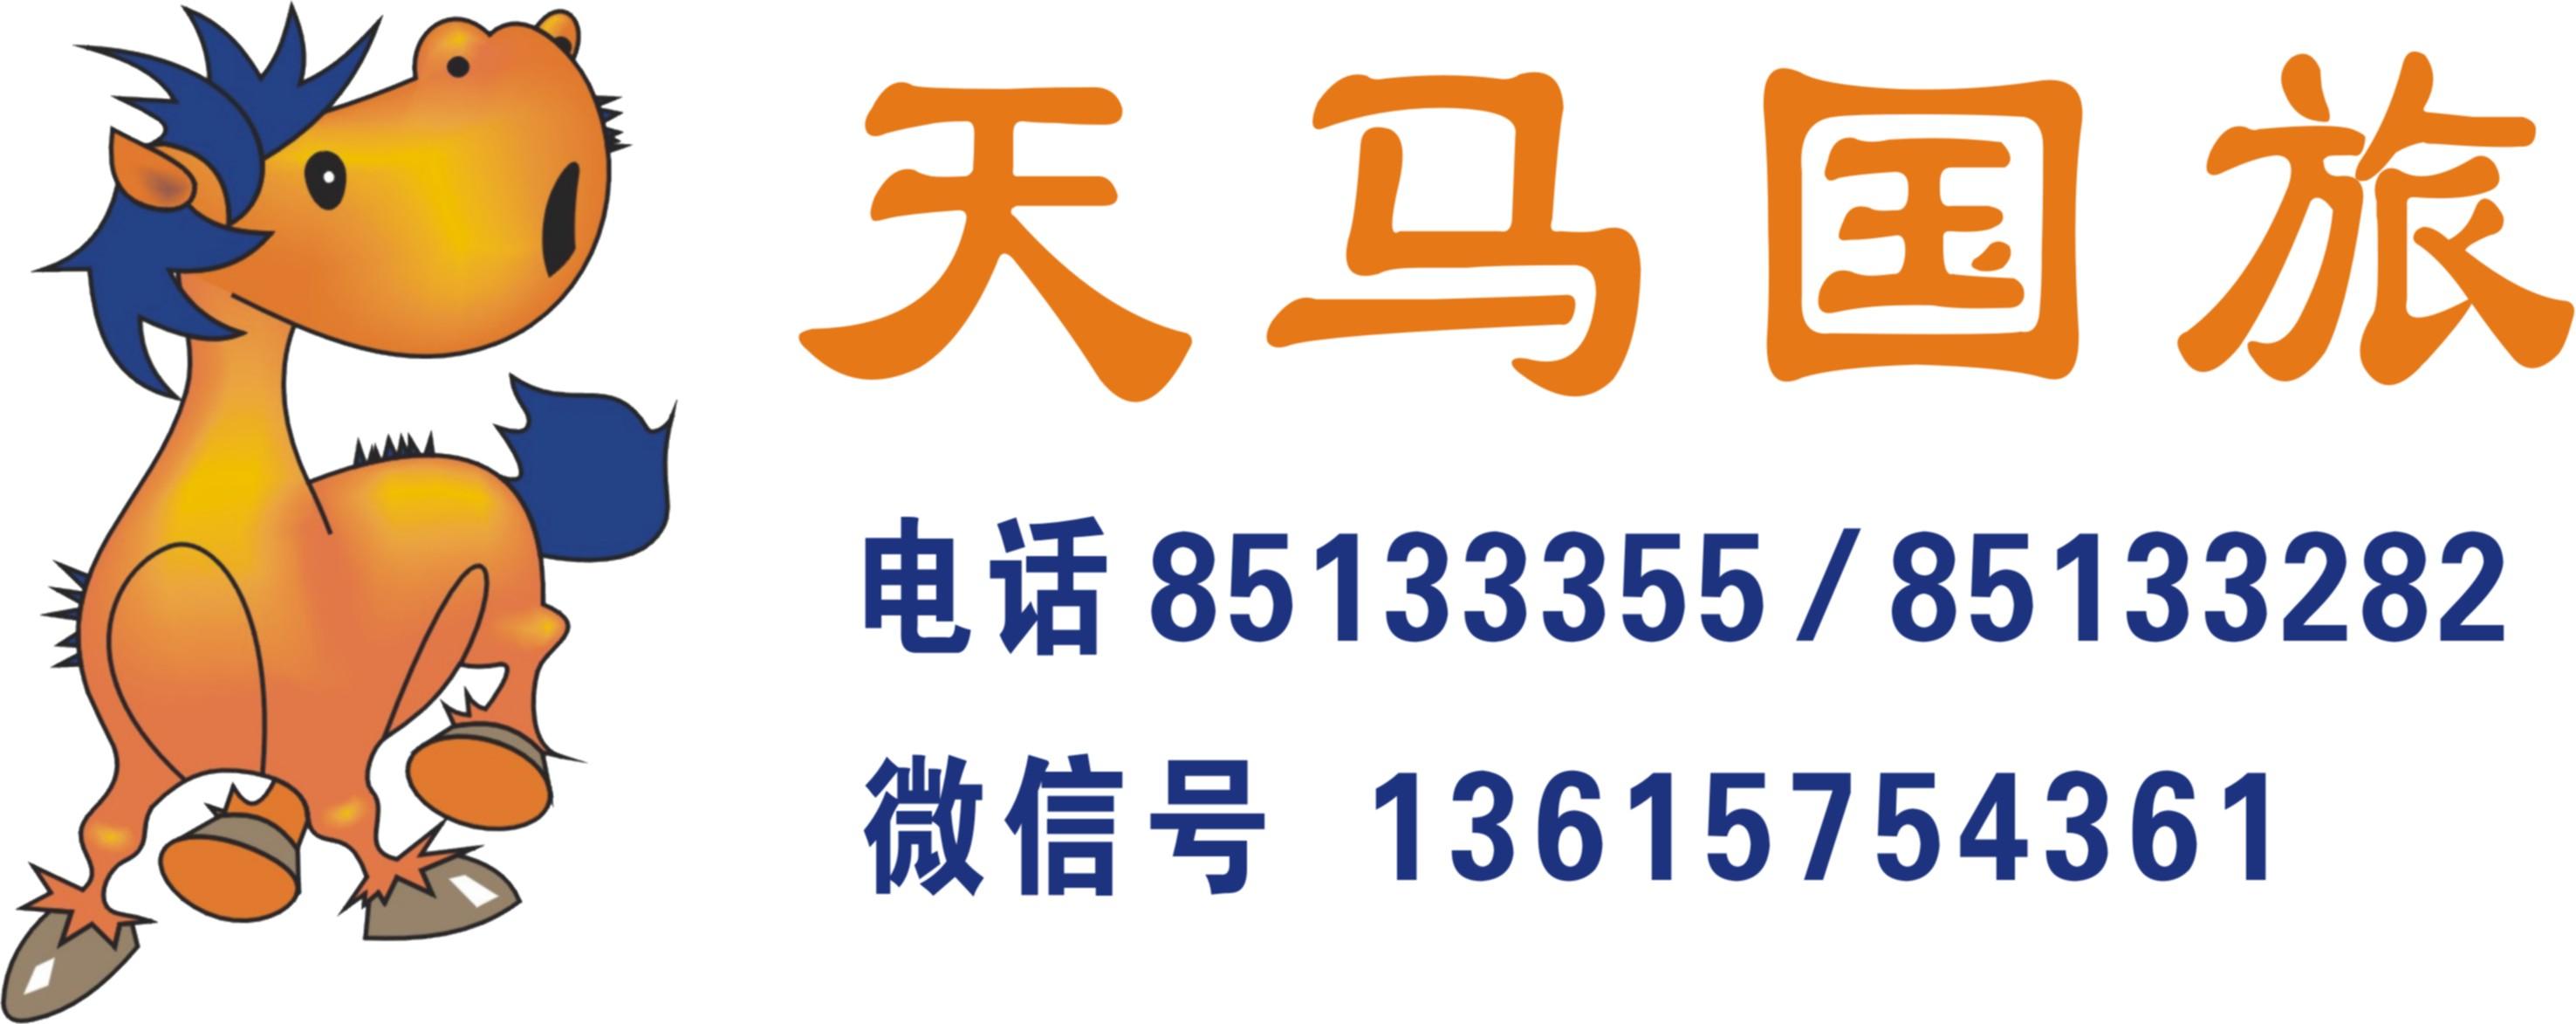 6月【南诏风情 昆明大理丽江双飞一动6日】大理动车昆明